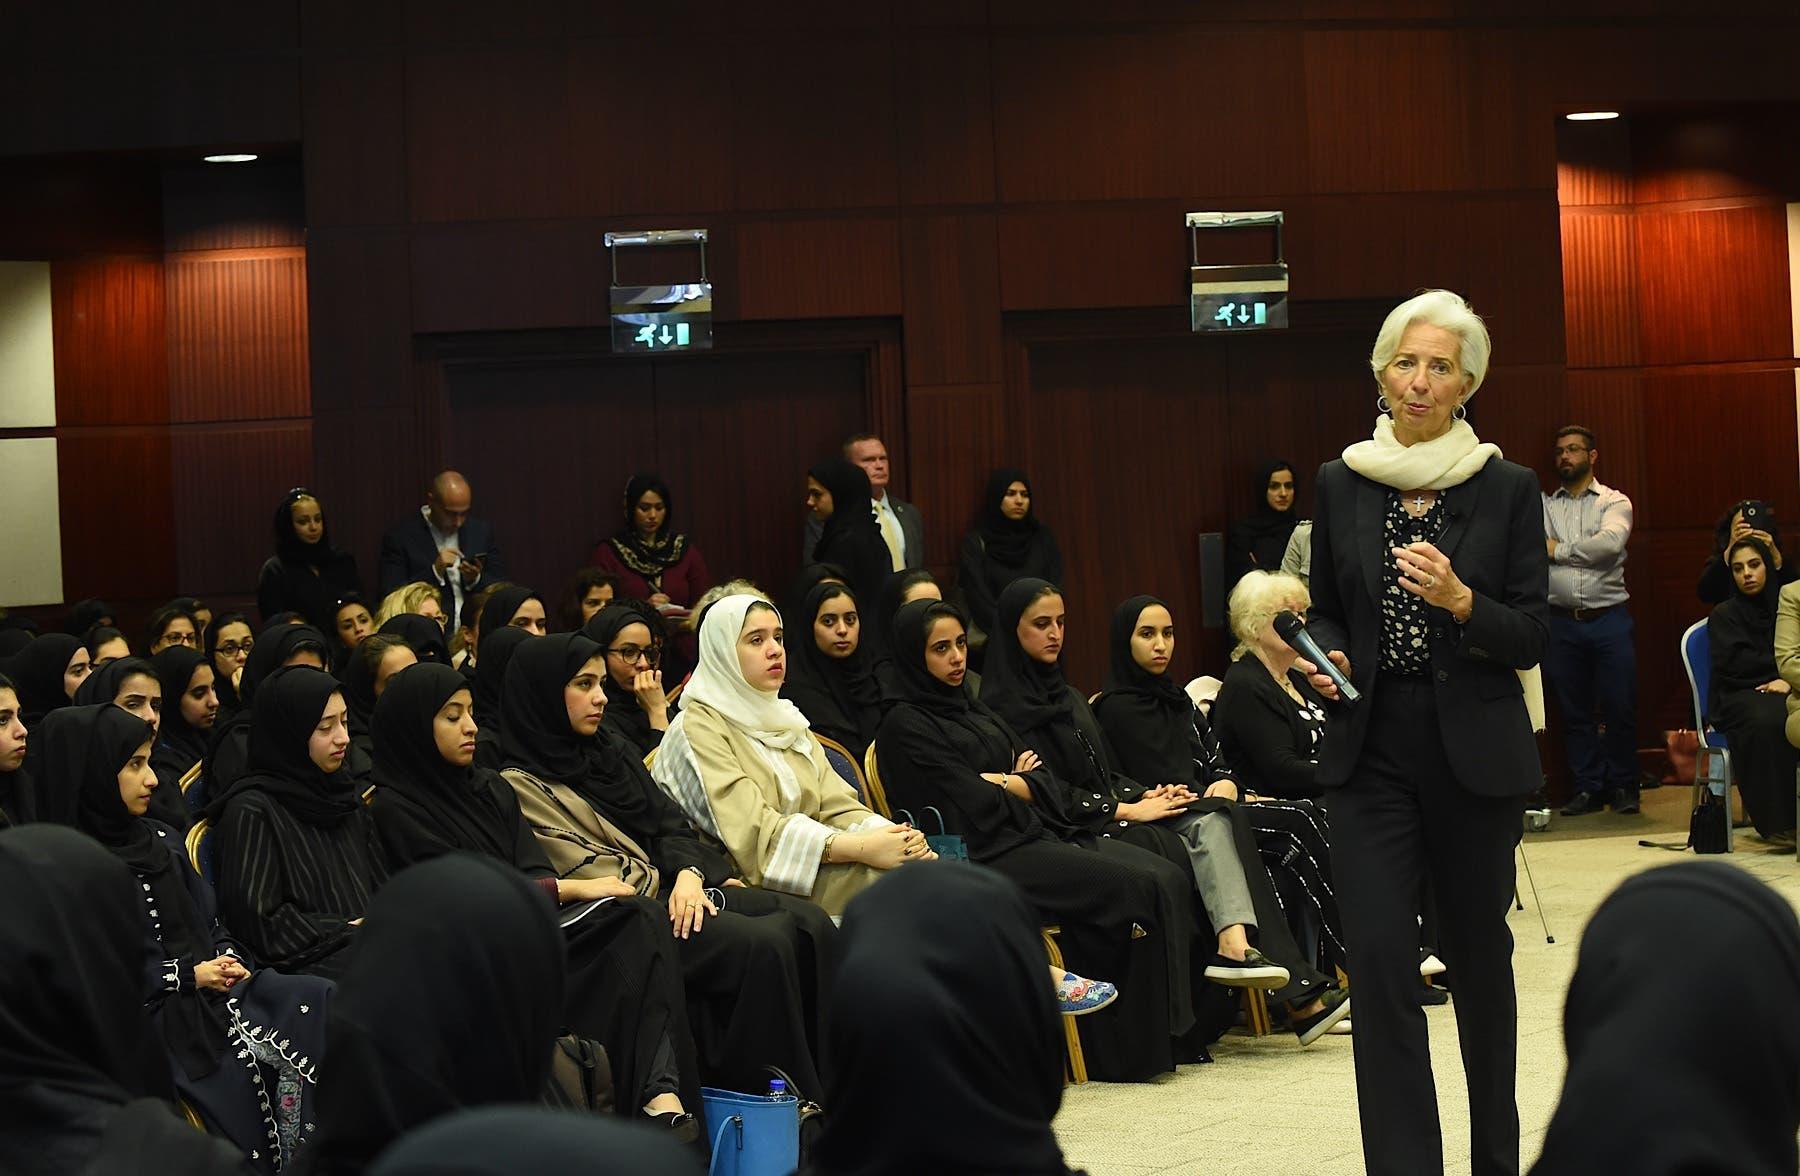 (Photo courtesy: Sheikh Zayed University)